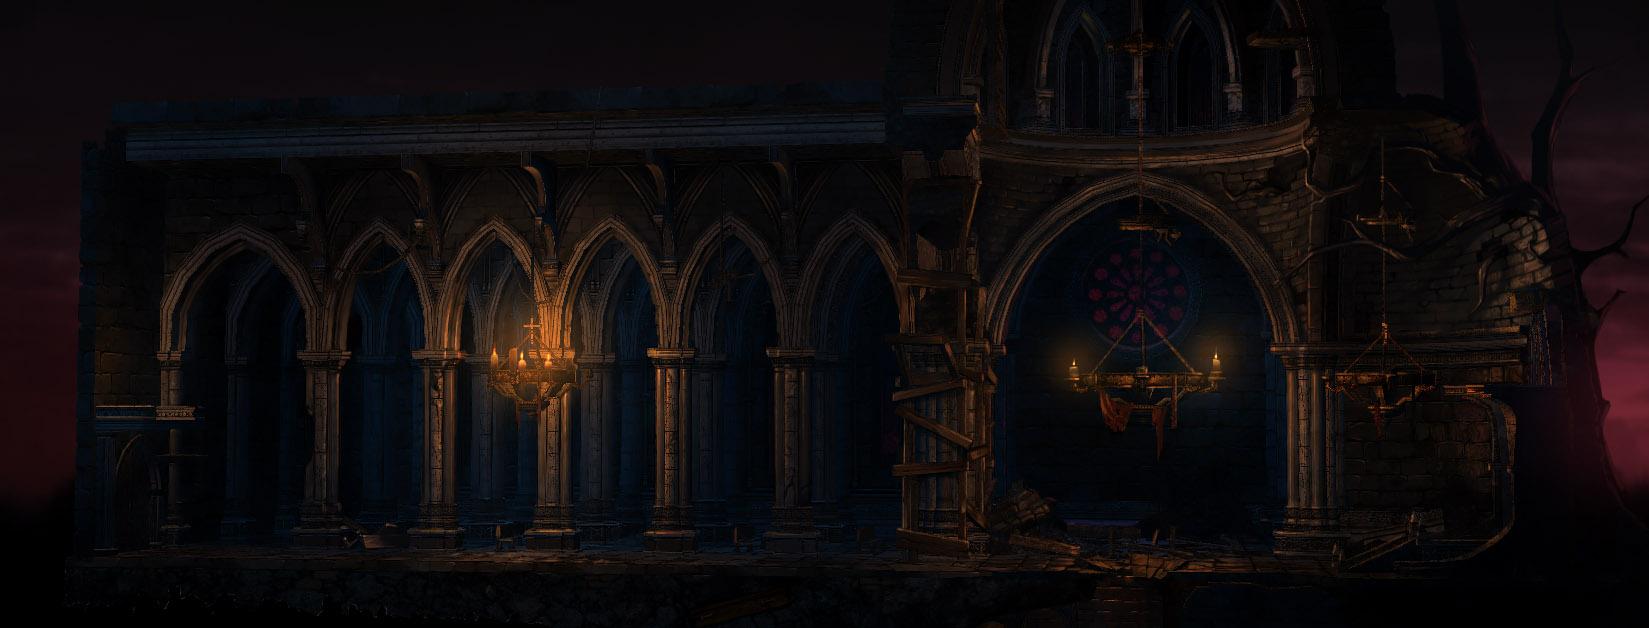 Castlevania-LordsofShadow-MirrorofFate 3DS Visuel 007